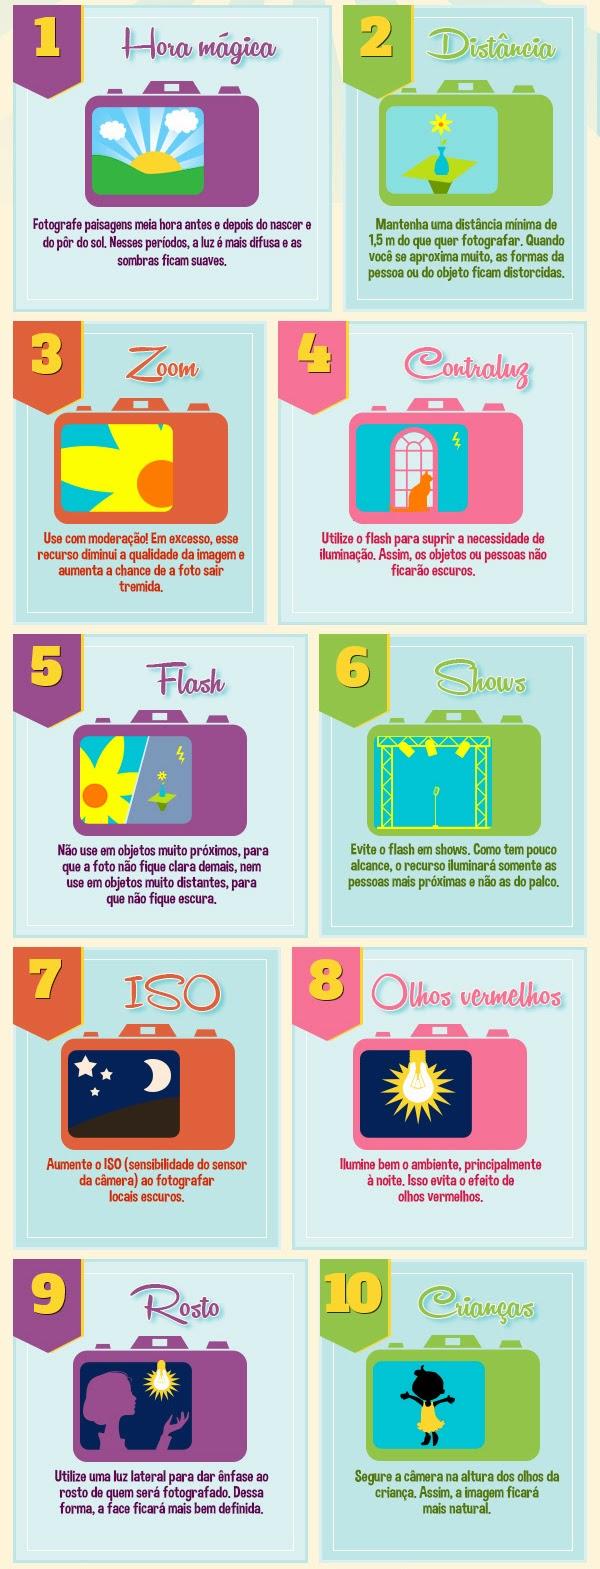 dicas-para-tirar-fotos, aprenda-a-fotografar, Dicas-para-fotos